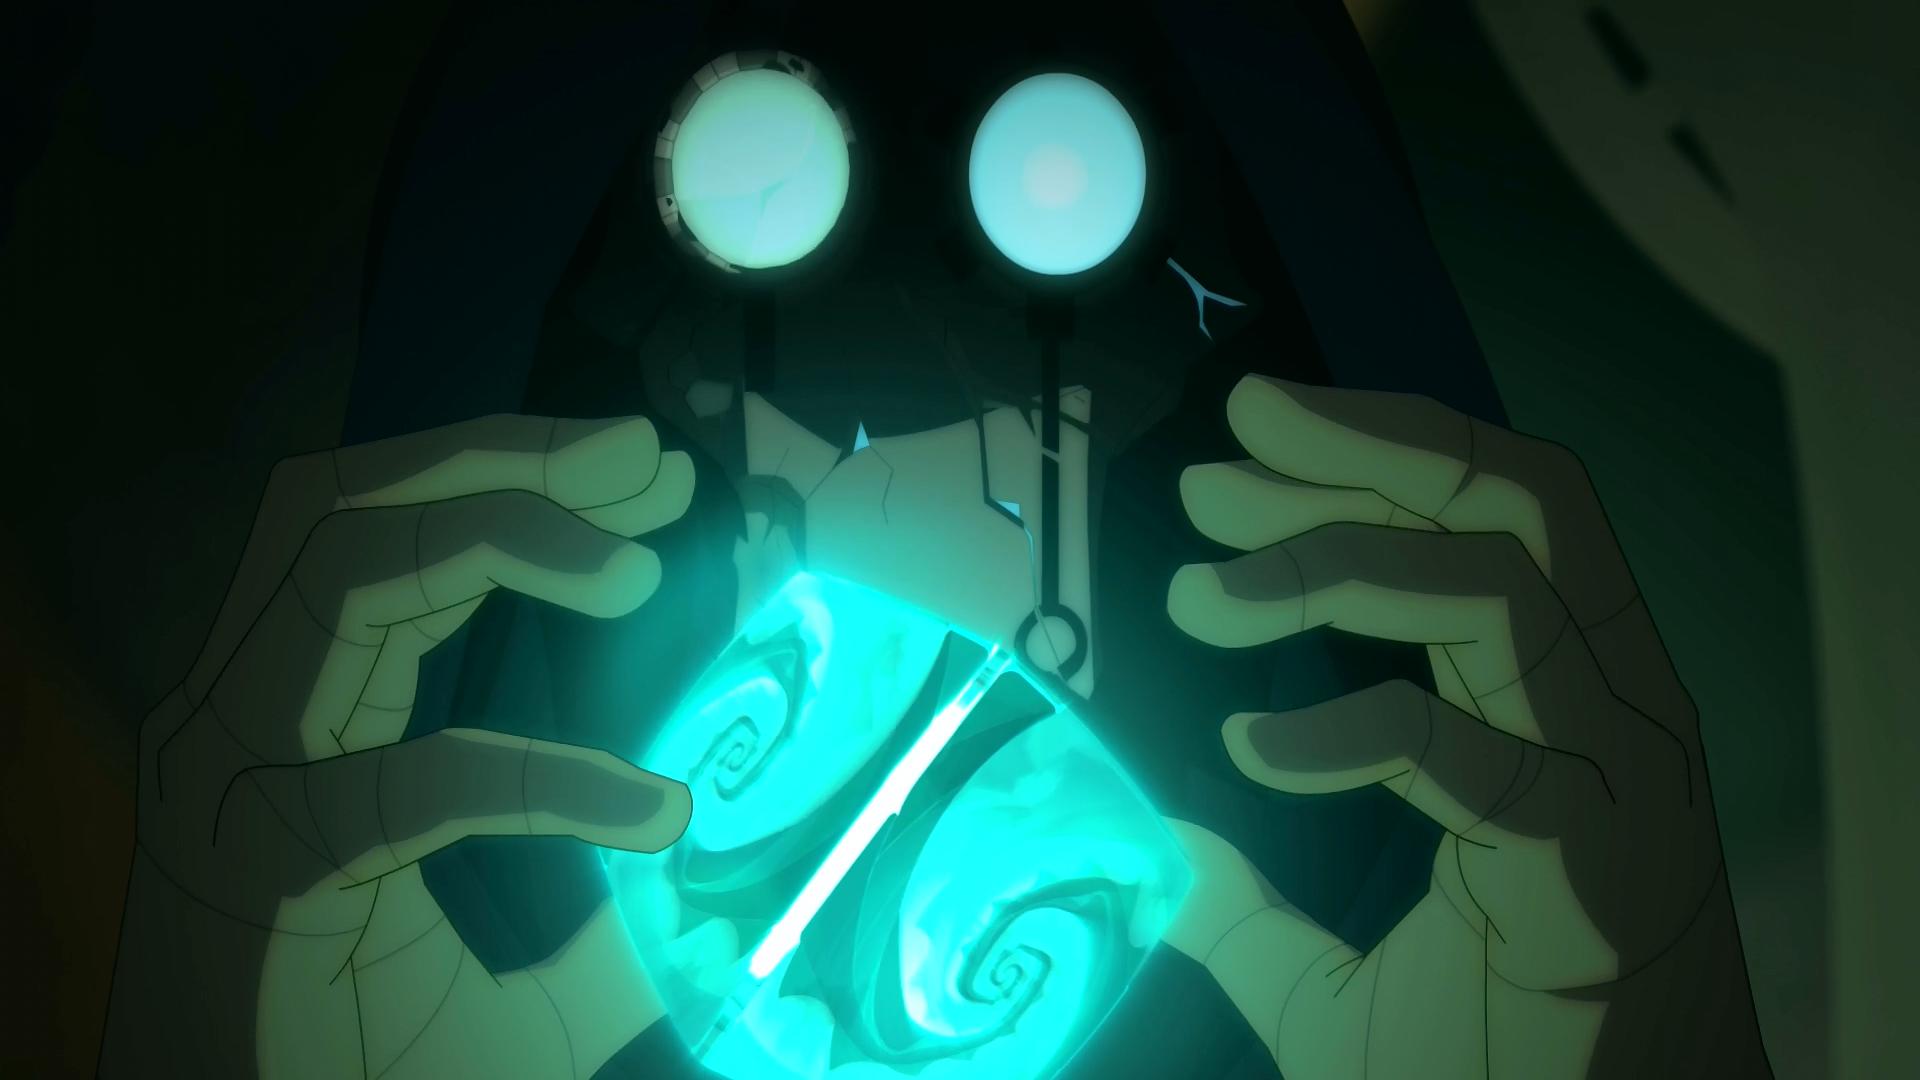 Reathin's Avatar